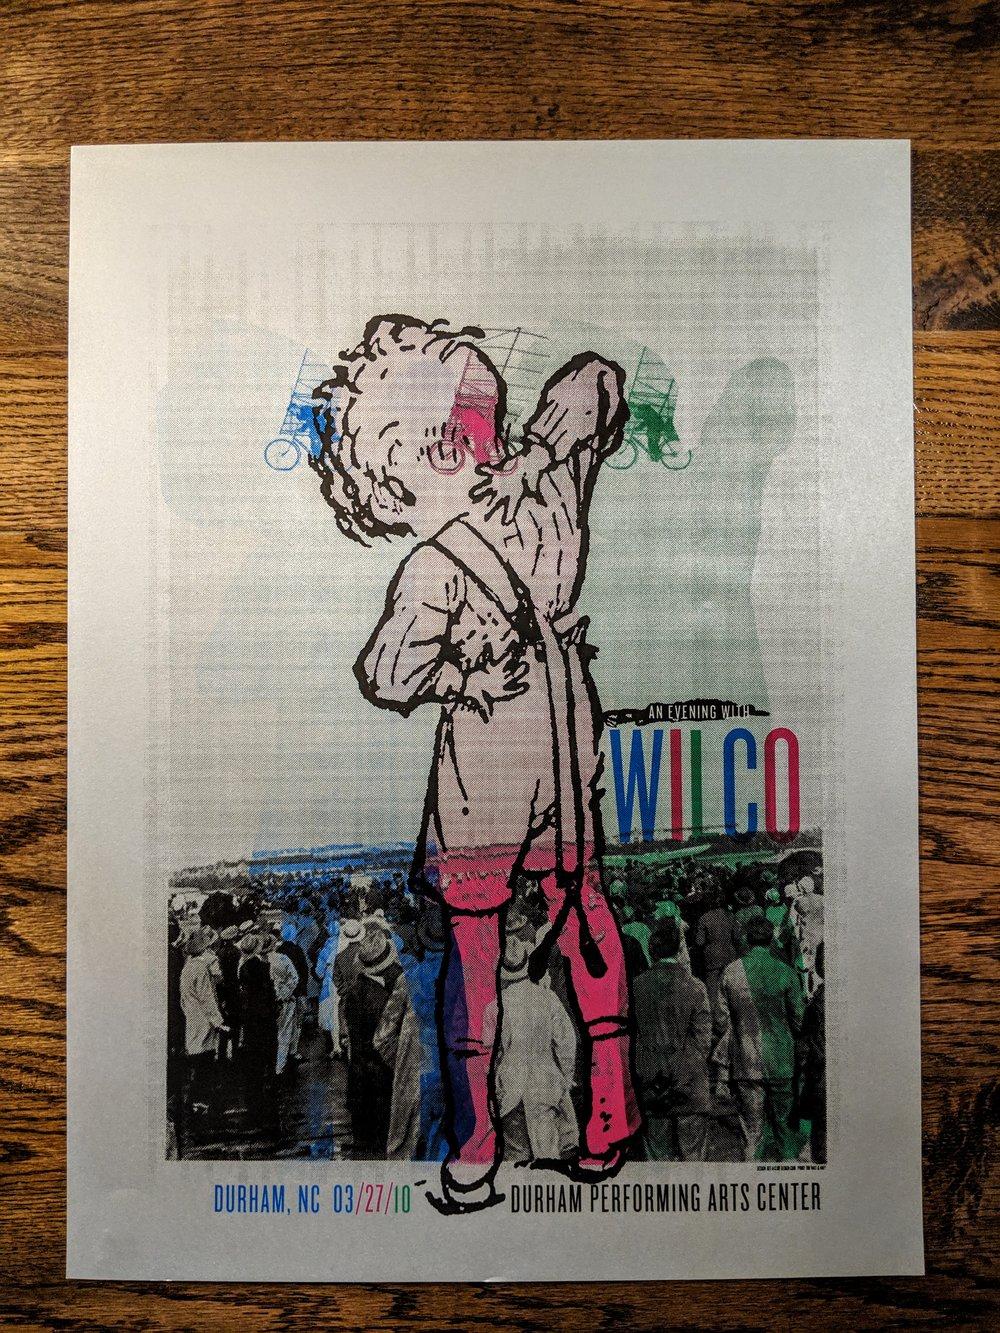 Wilco, (First in Flight), Durham, NC